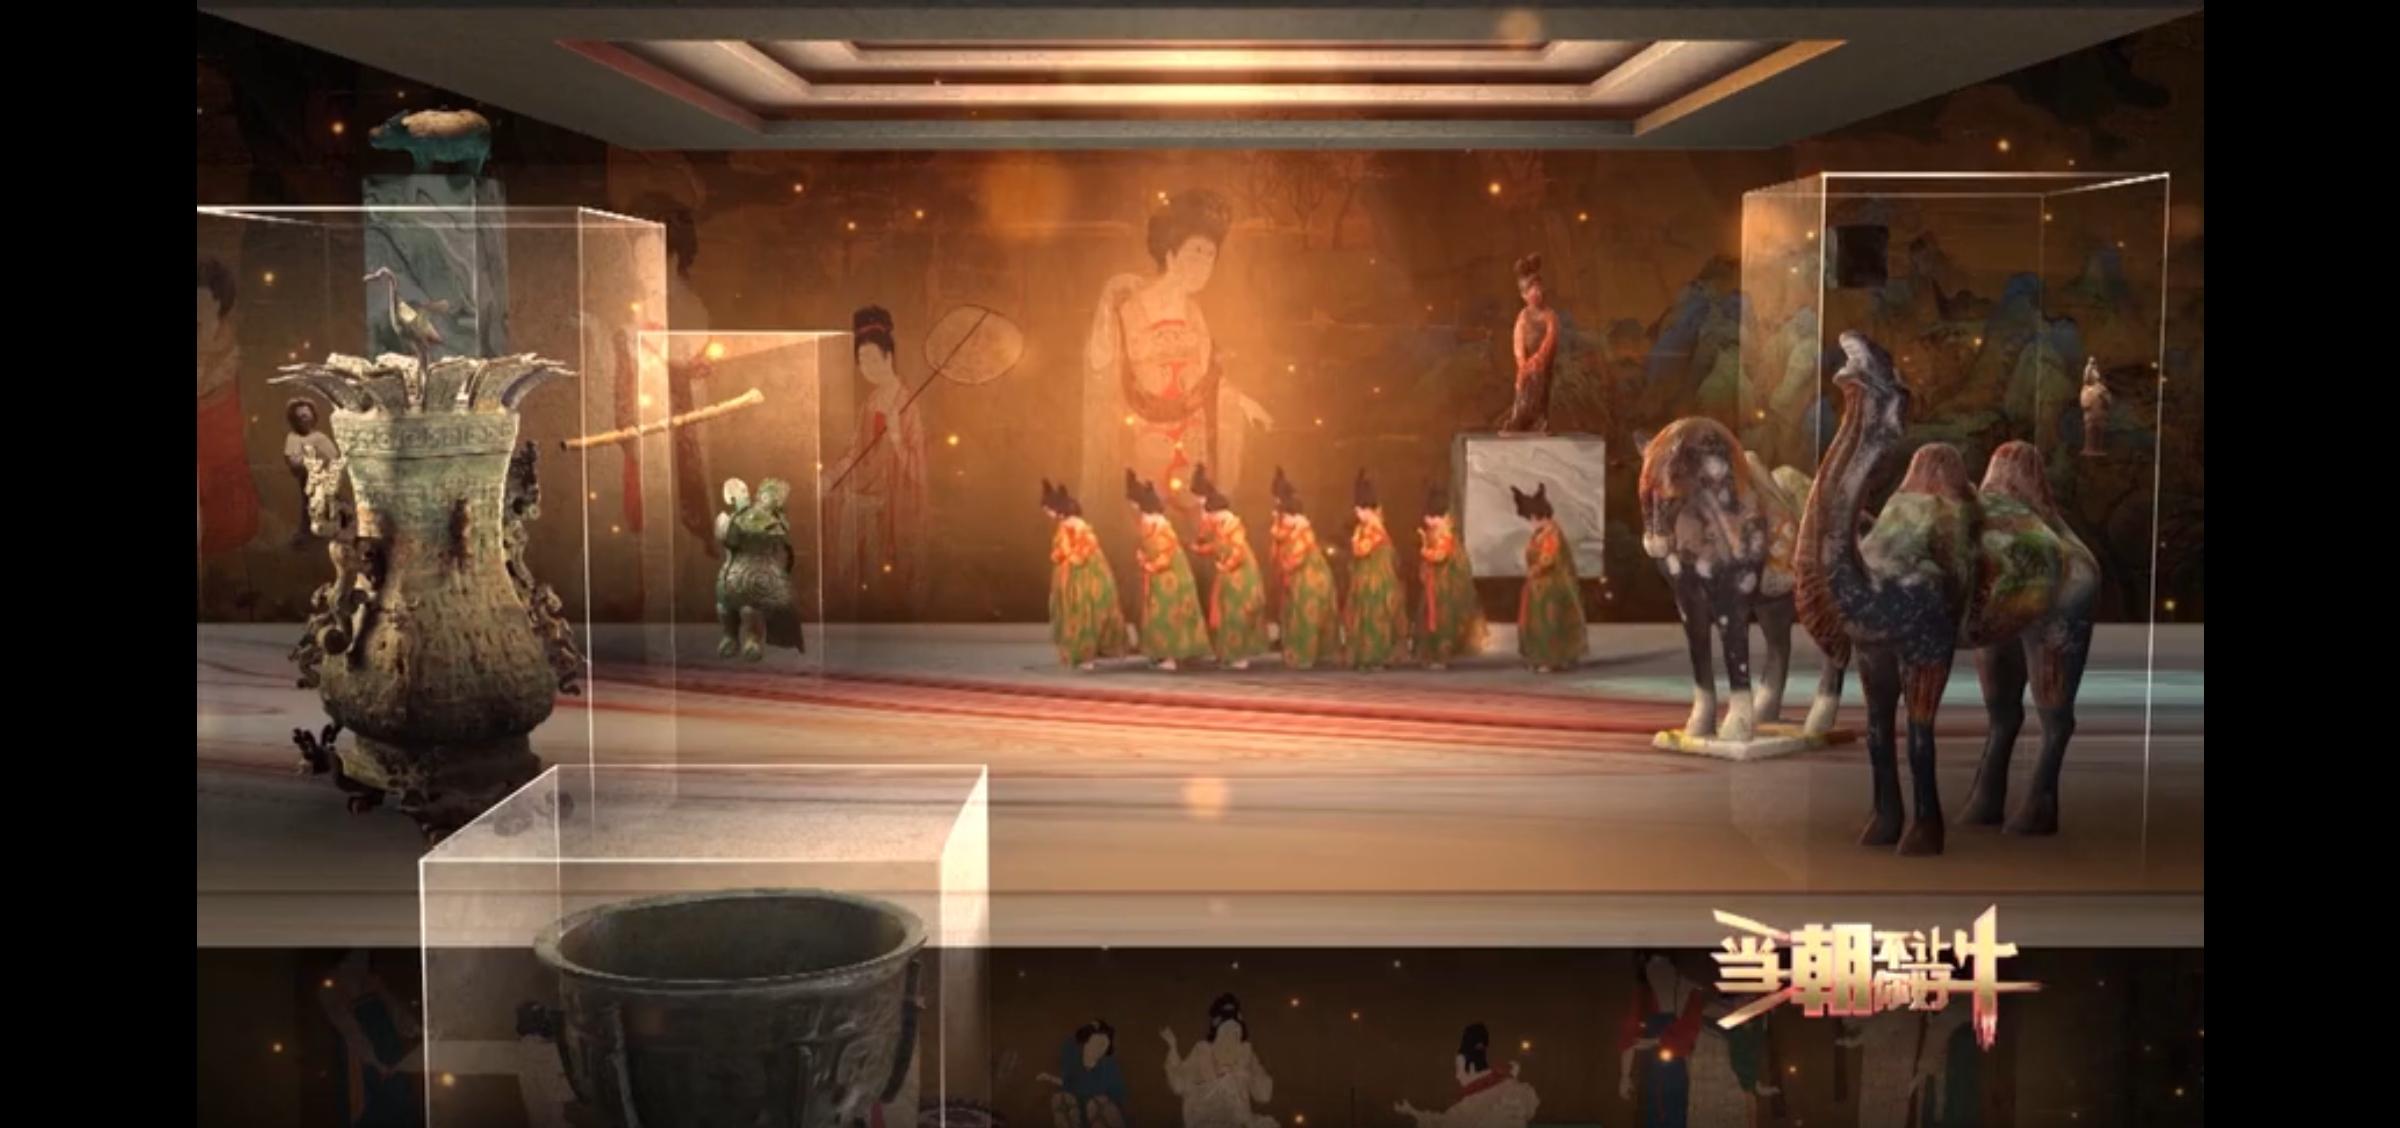 穿行文物间 《唐宫夜宴》剧照 图自河南卫视公众号视频发布截屏